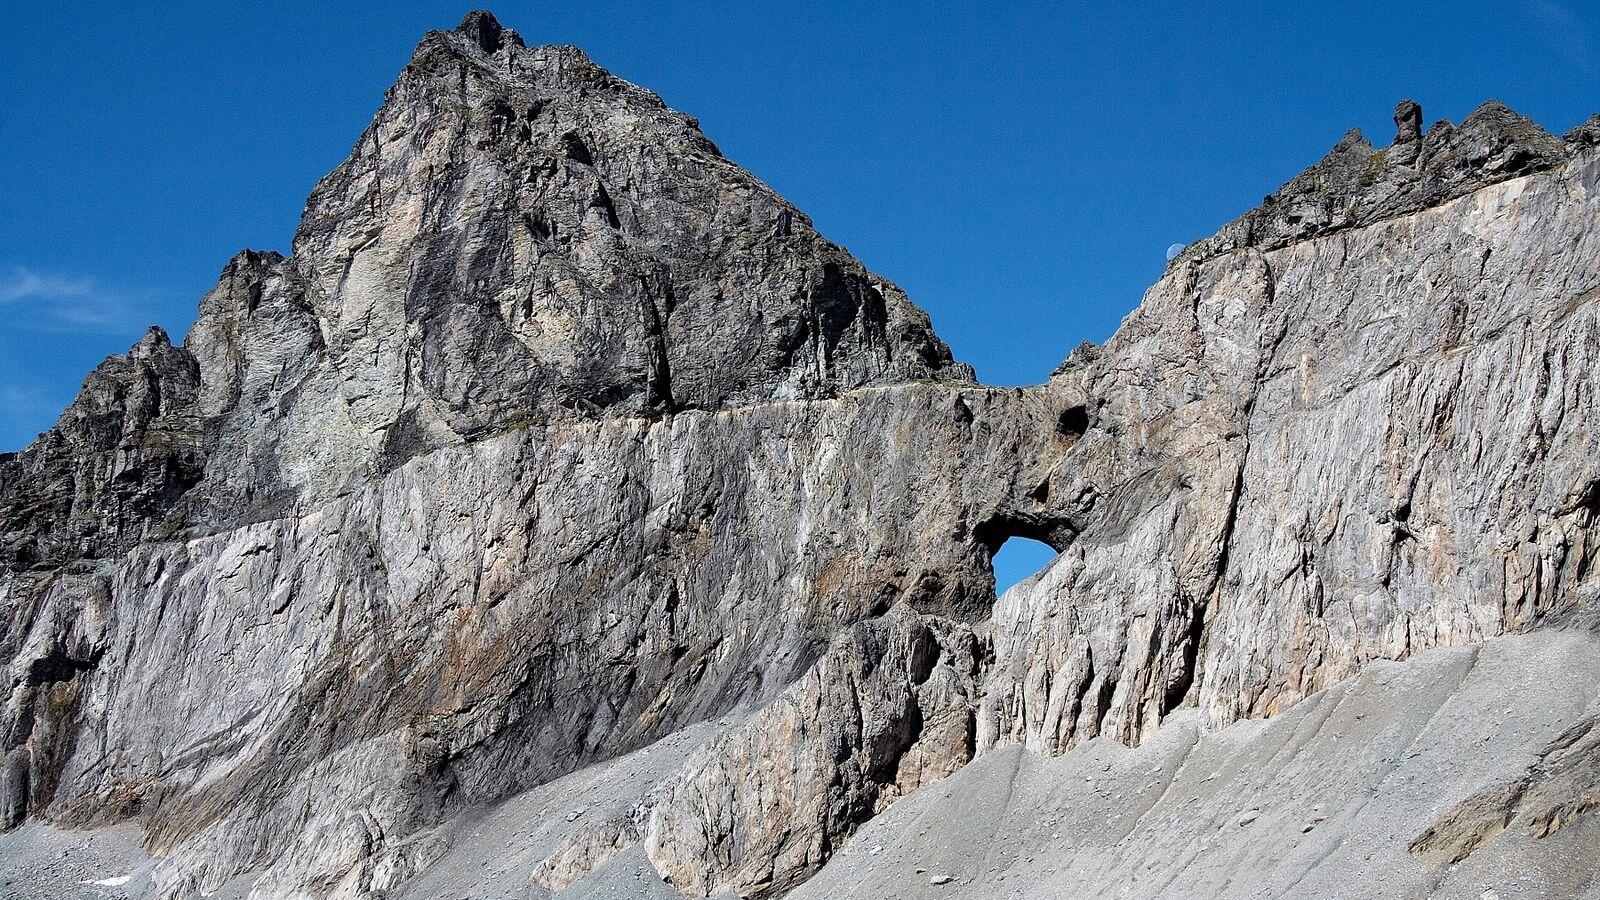 Tectonicarena Sardona